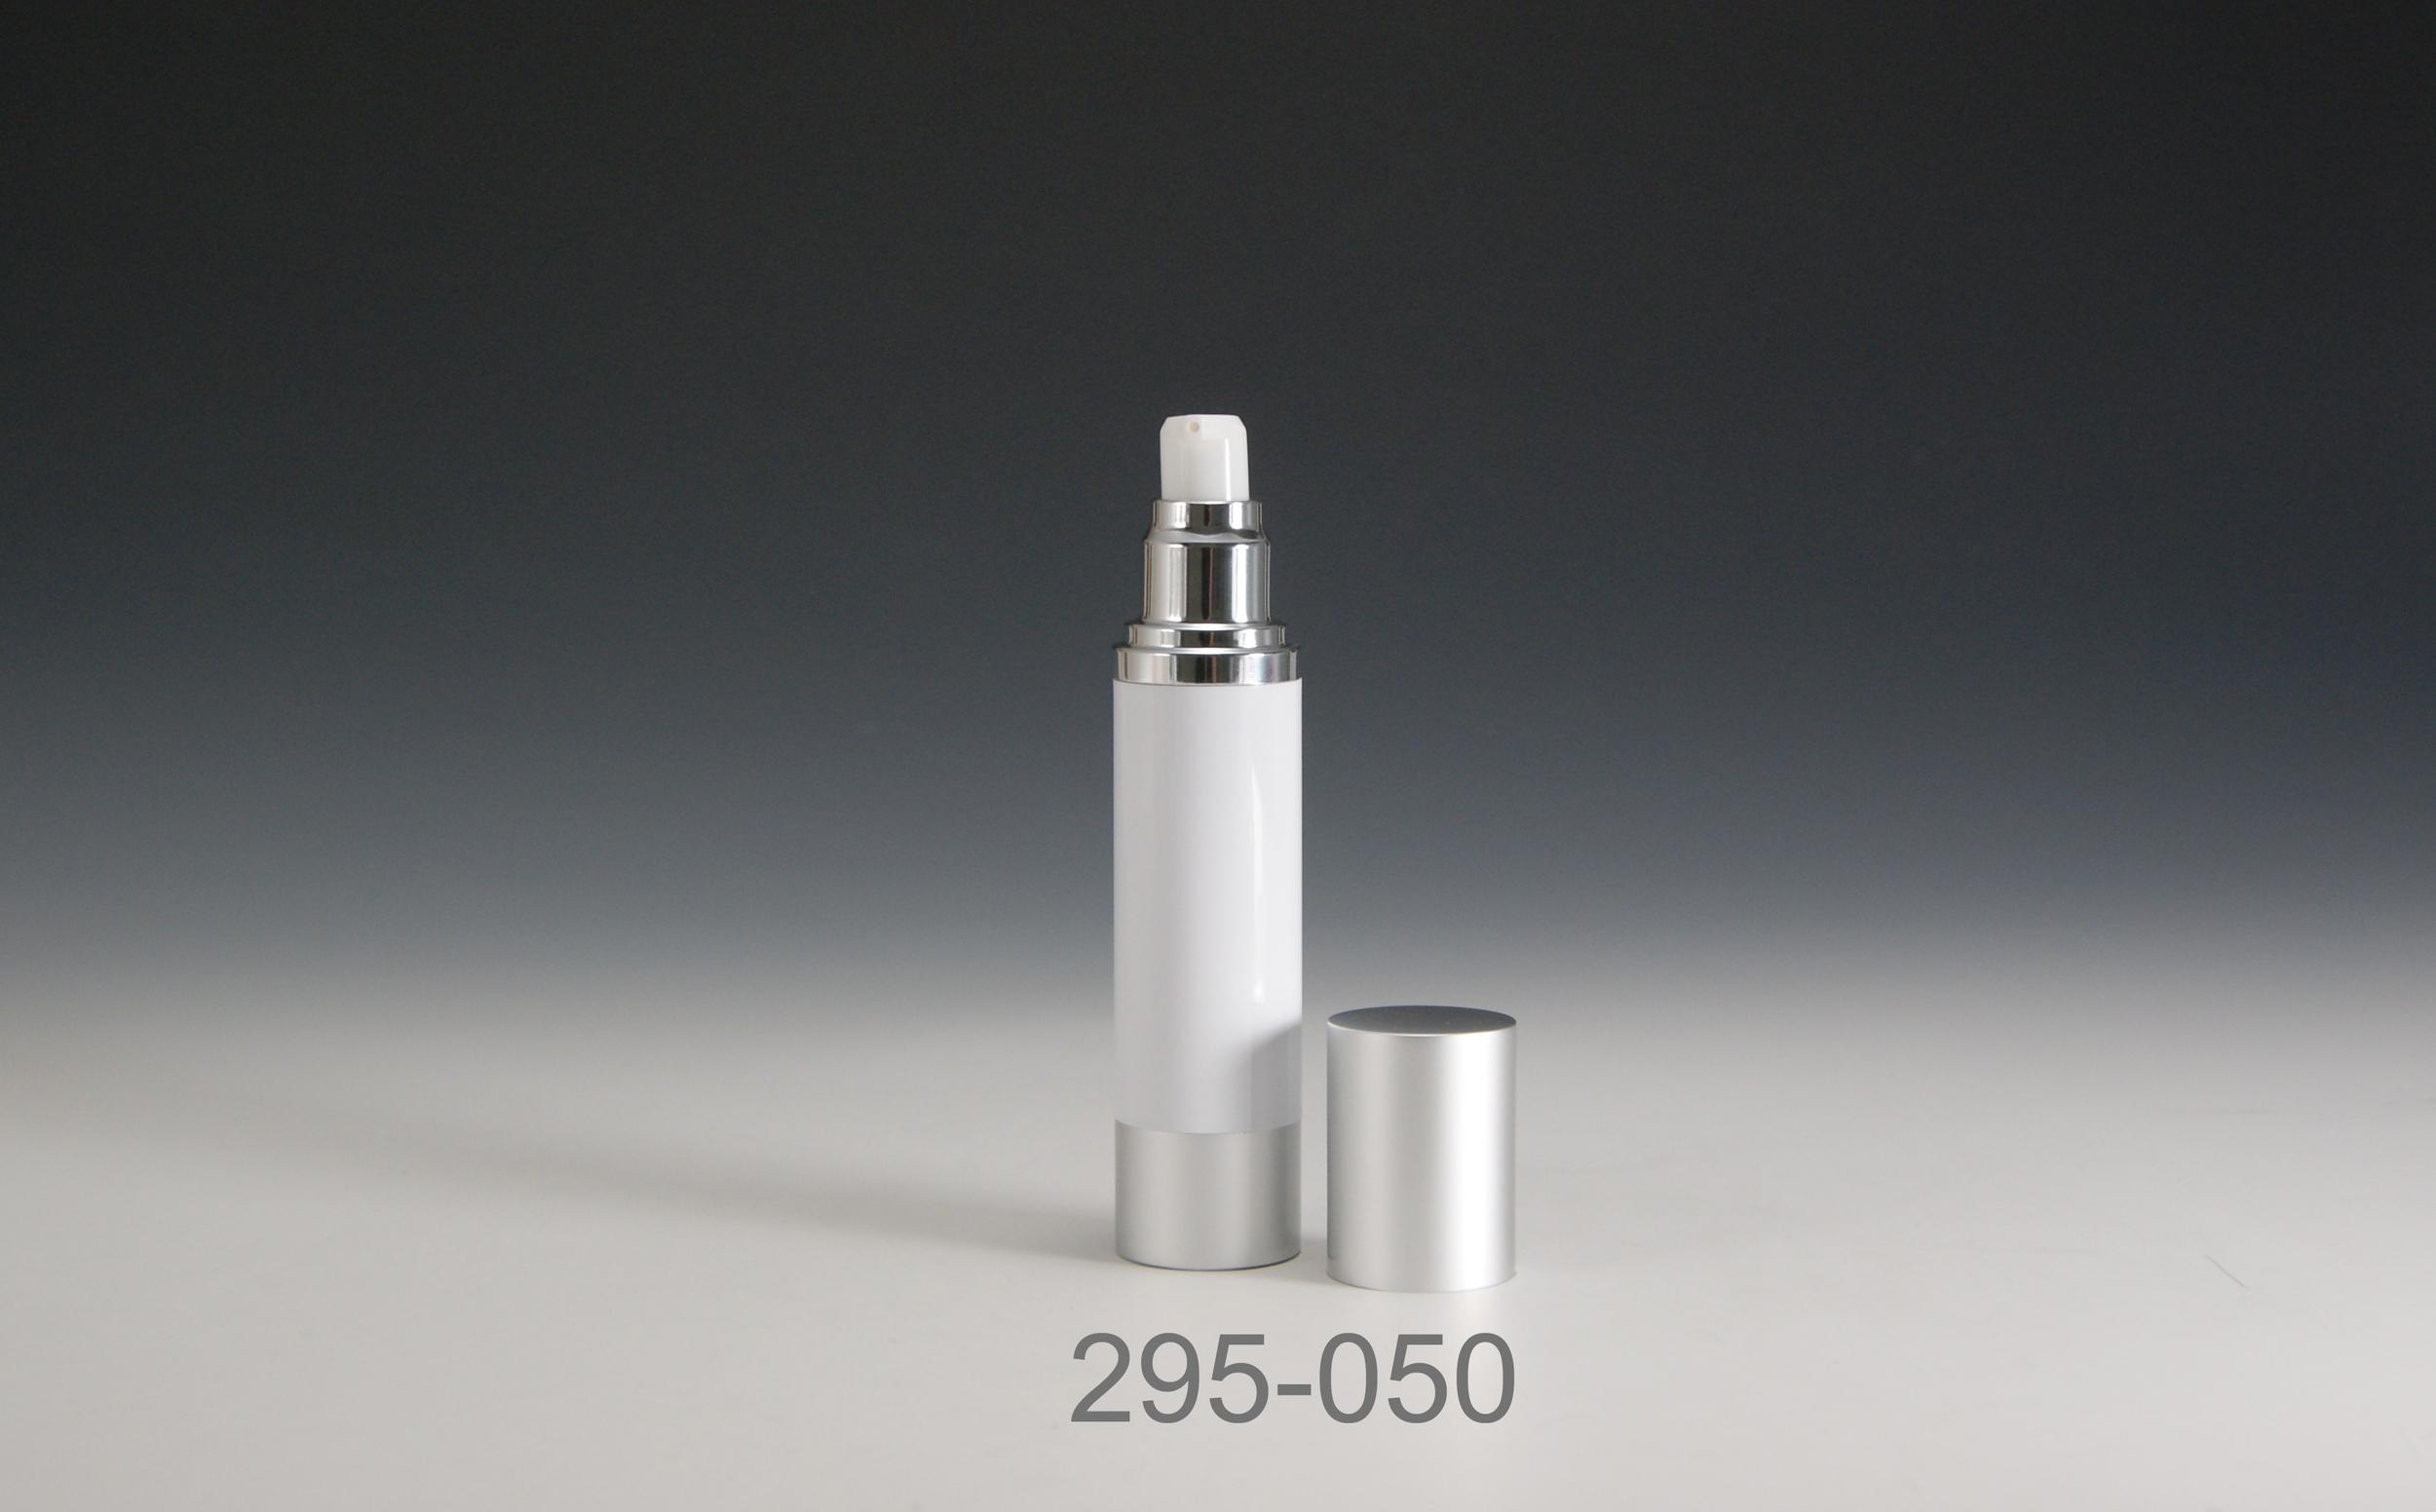 295-050.jpg